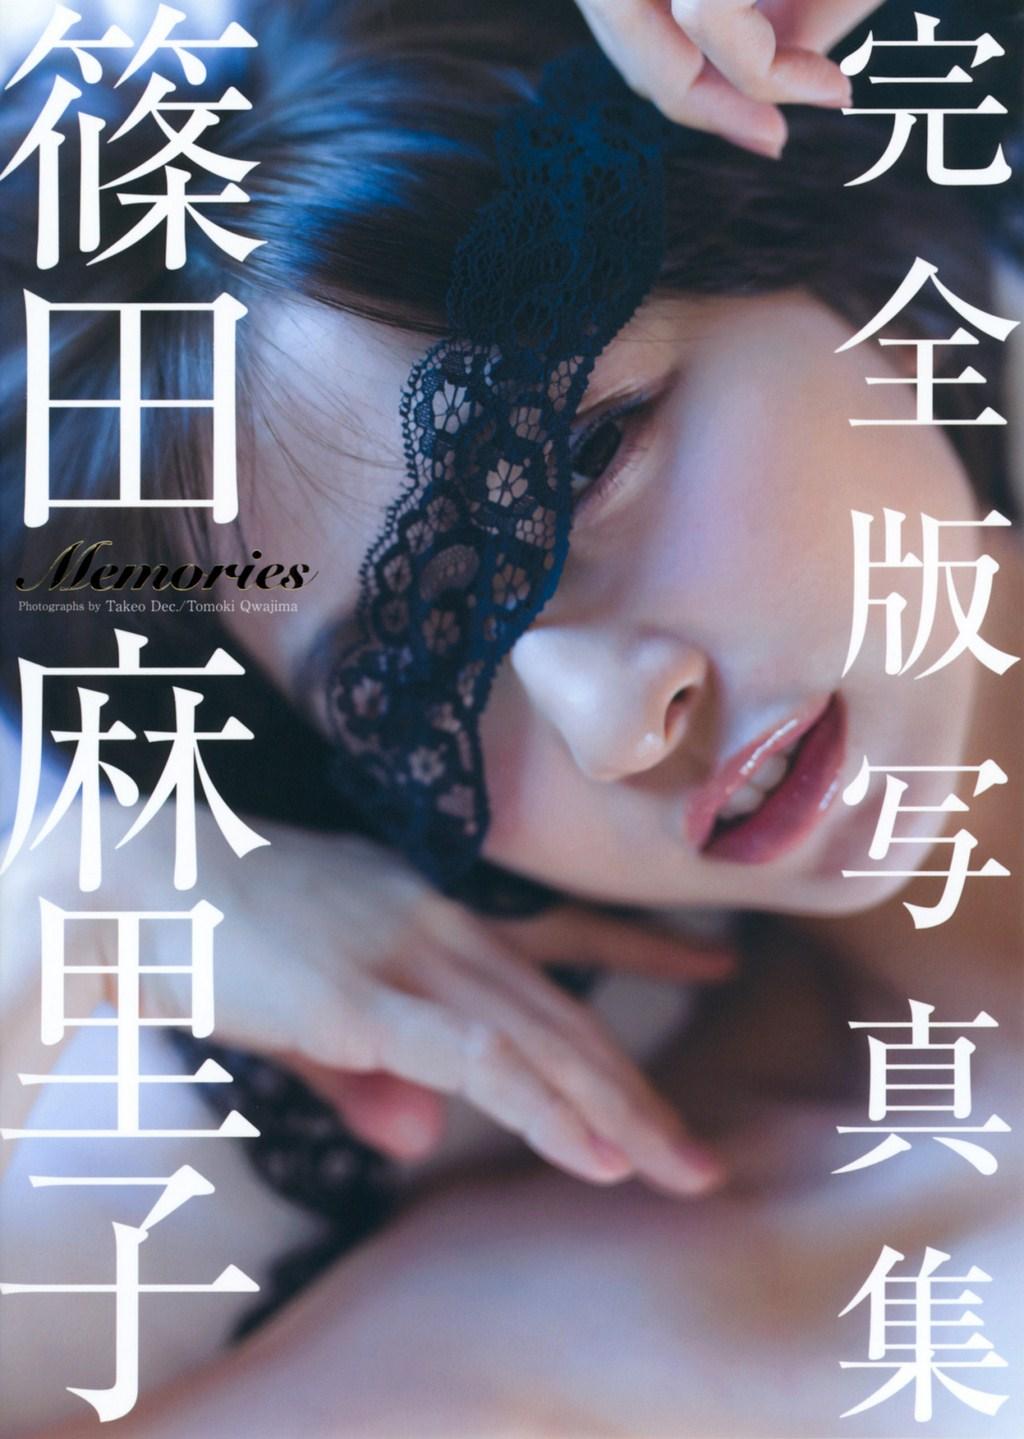 Shinoda Mariko 篠田麻里子 AKB48, Gravure Photo Books Memories No.01